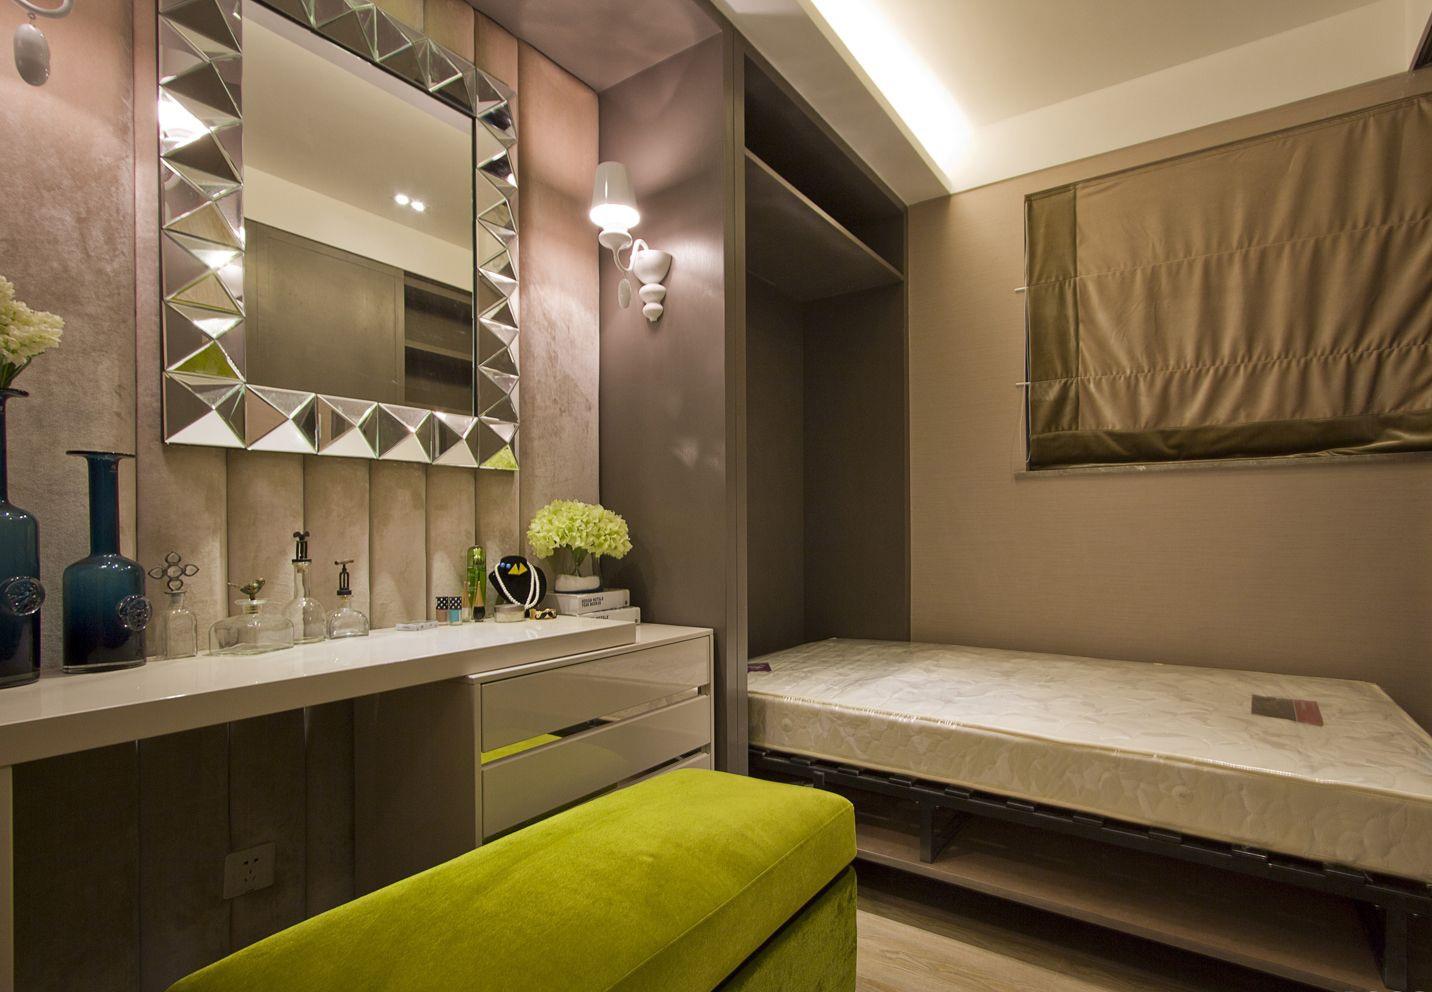 次卧简单的单人床,侧面的化妆台搭配绿色布艺桌椅很是别致